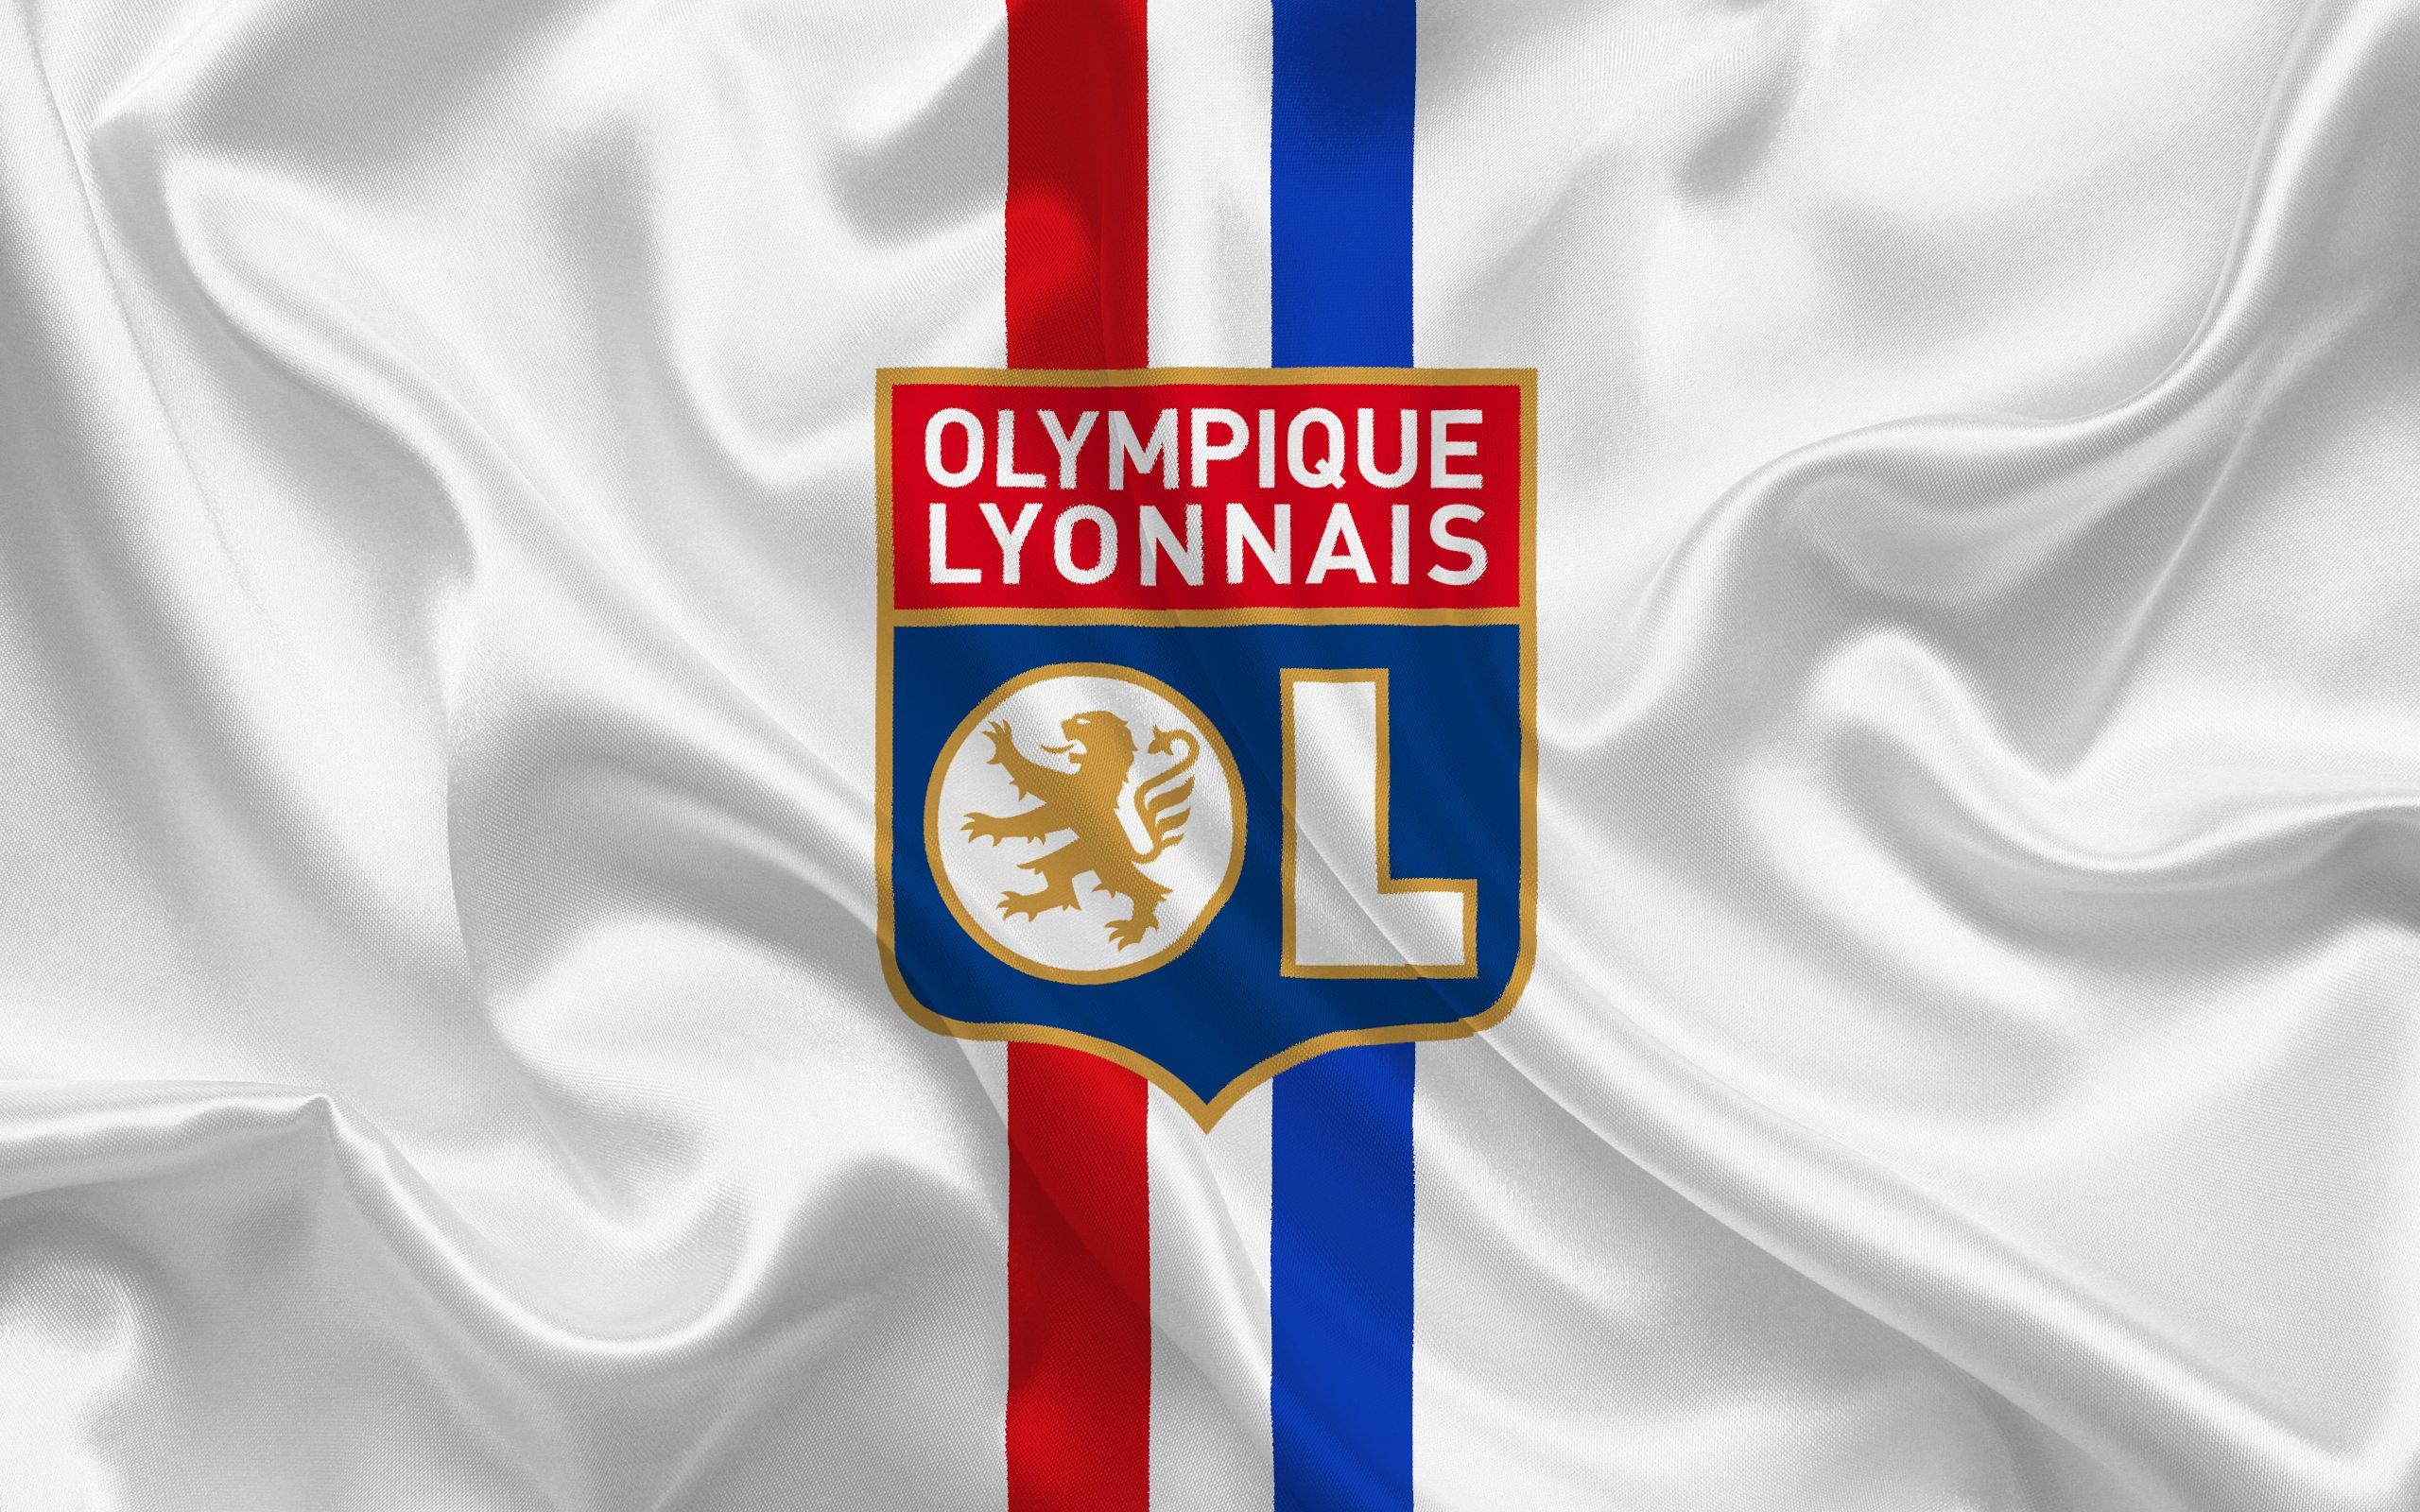 фото эмблемы фк клубов франции сразу отреагировали